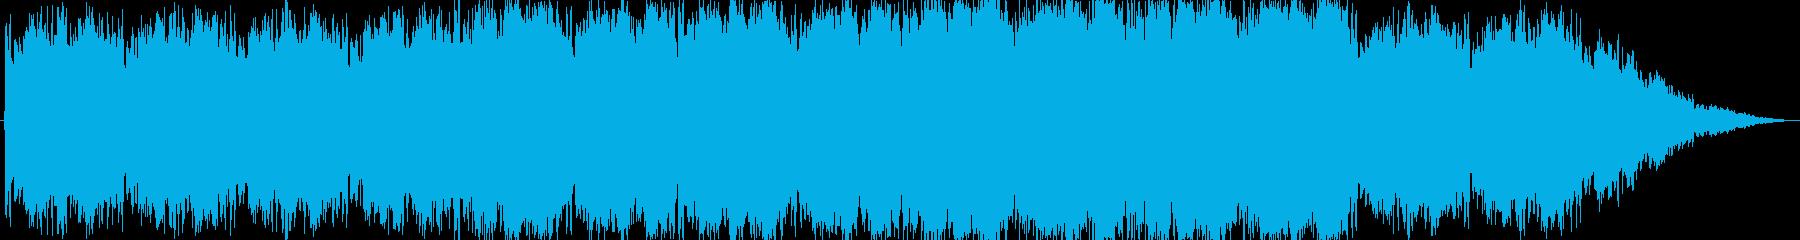 神秘的な雰囲気の曲の再生済みの波形